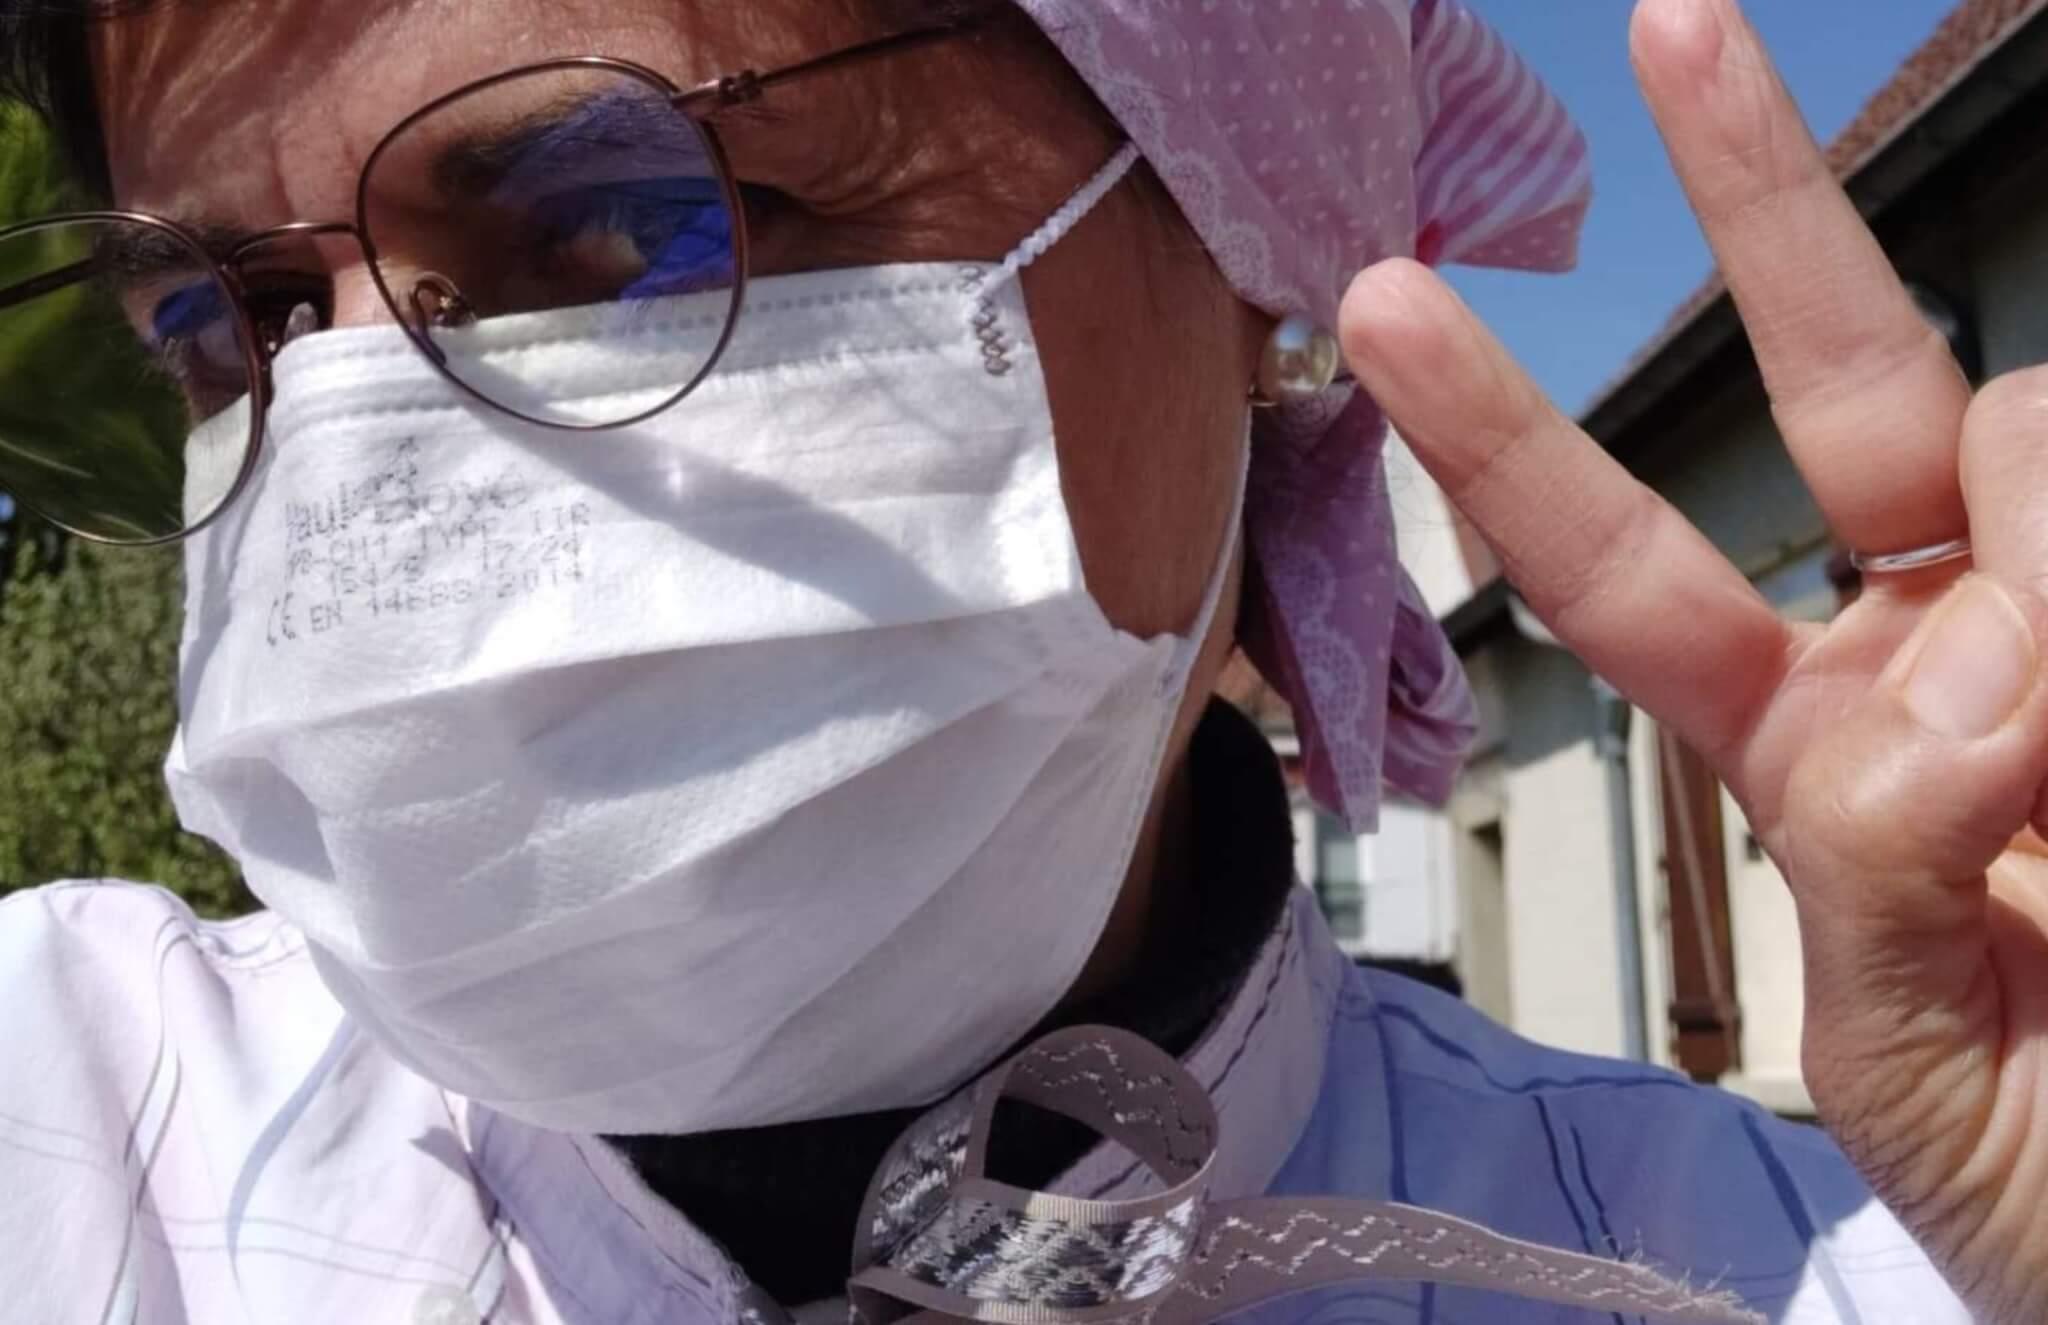 Noiseau: les cousettes bénévoles ont déjà livré 1000 sur-blouses aux soignants